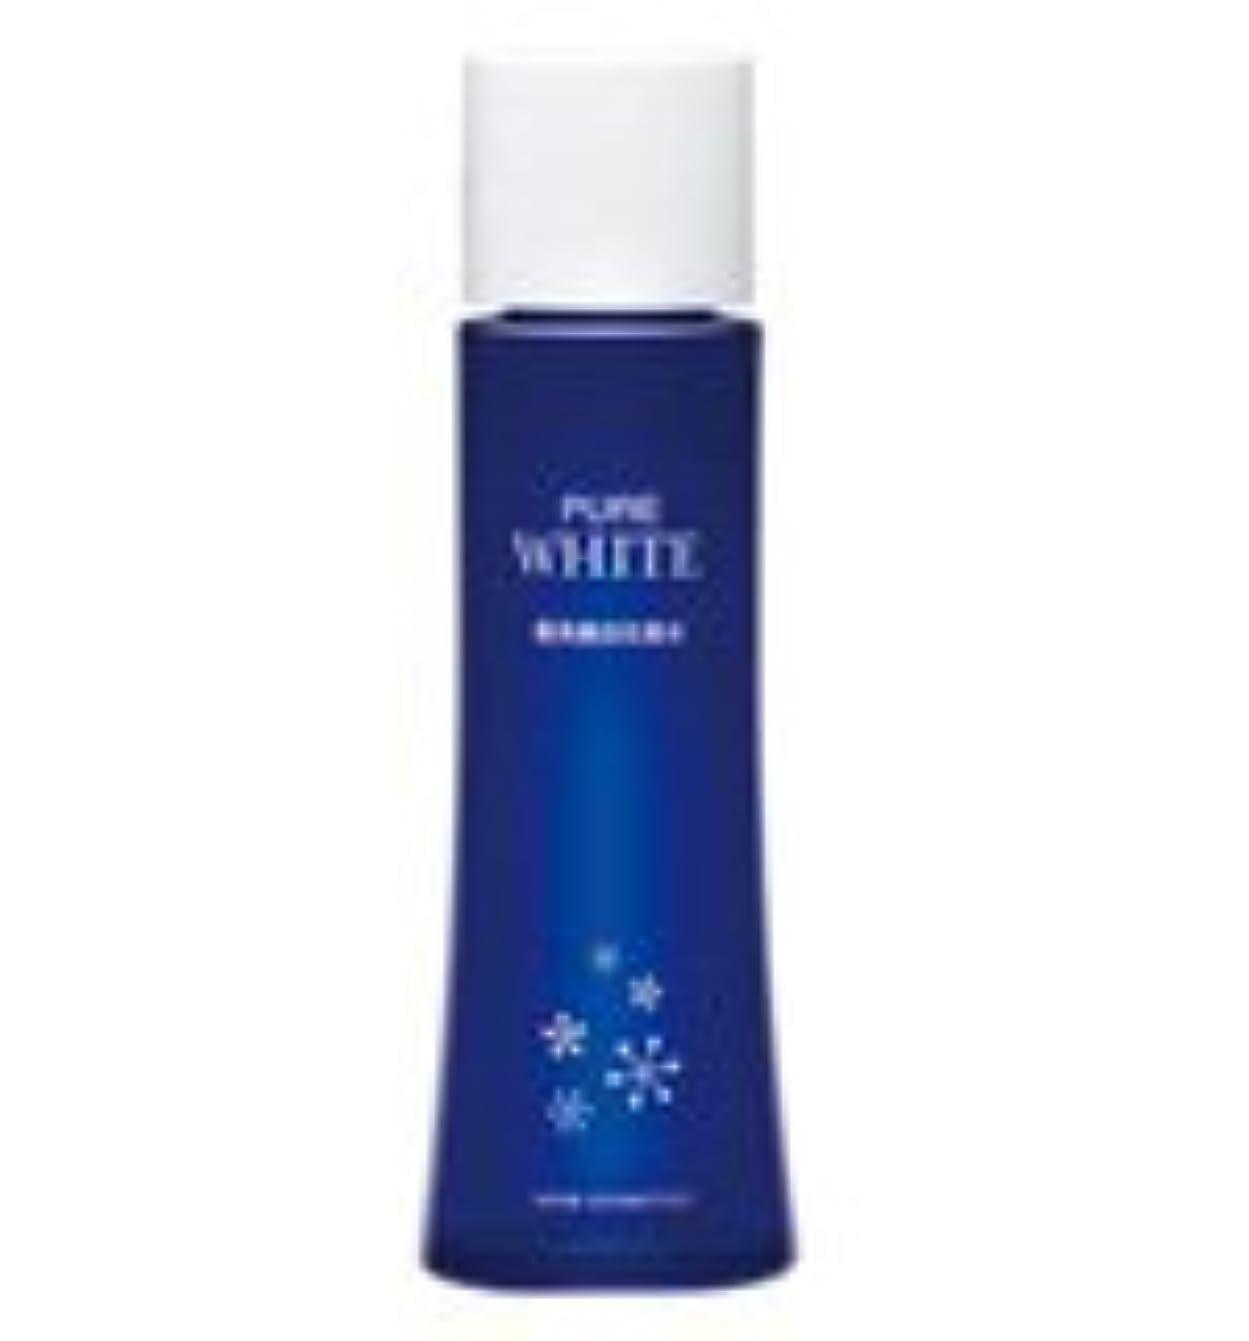 構成する一流とにかくハイム化粧品/薬用ピュアホワイト/化粧水(しっとり)【薬用ピュアホワイトシリーズ】